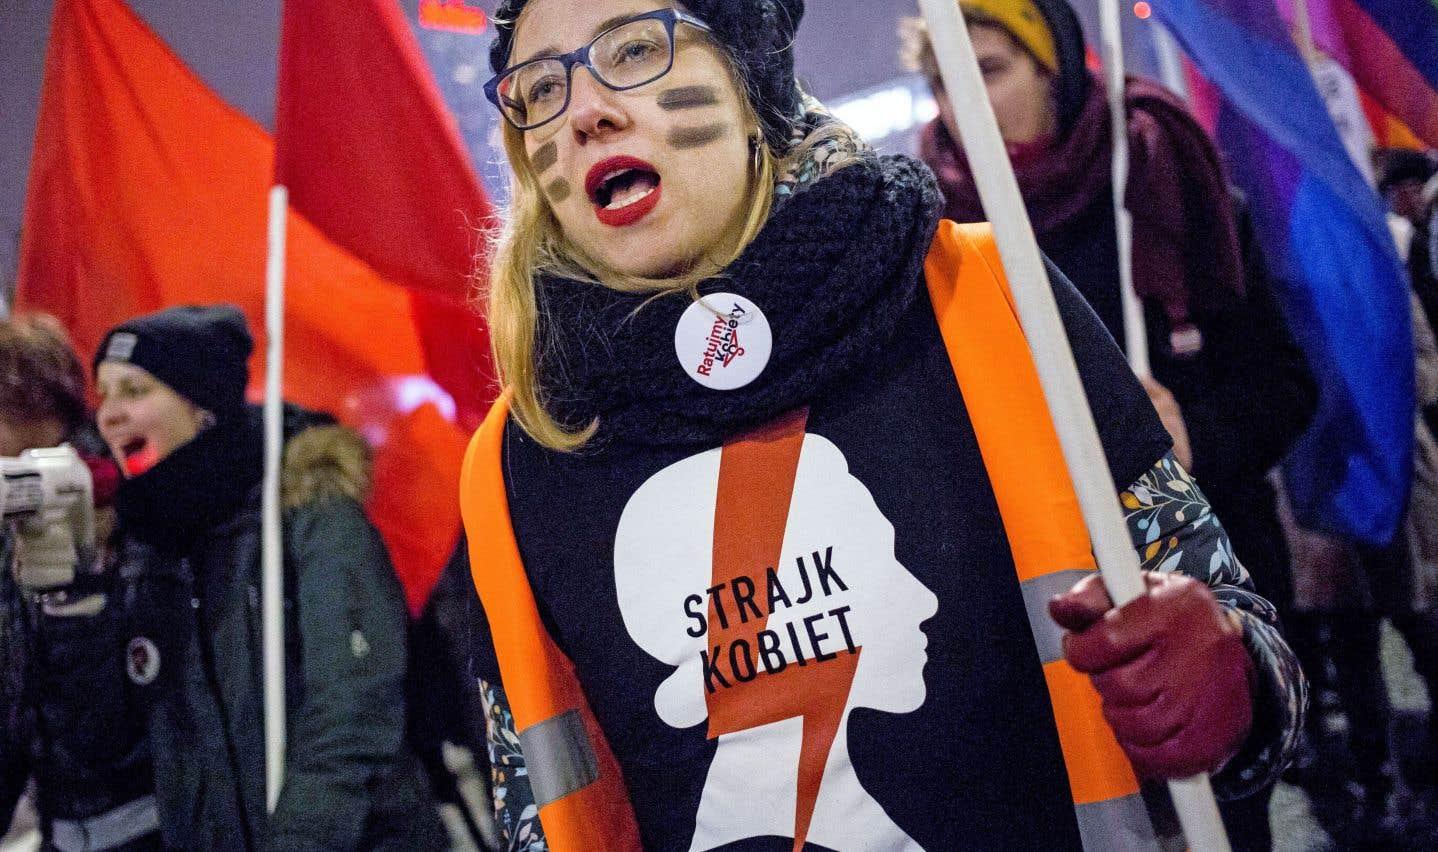 Samedi, des groupes de défense des droits des femmes ont tenu une manifestation pour le droit à l'avortement, à Varsovie.